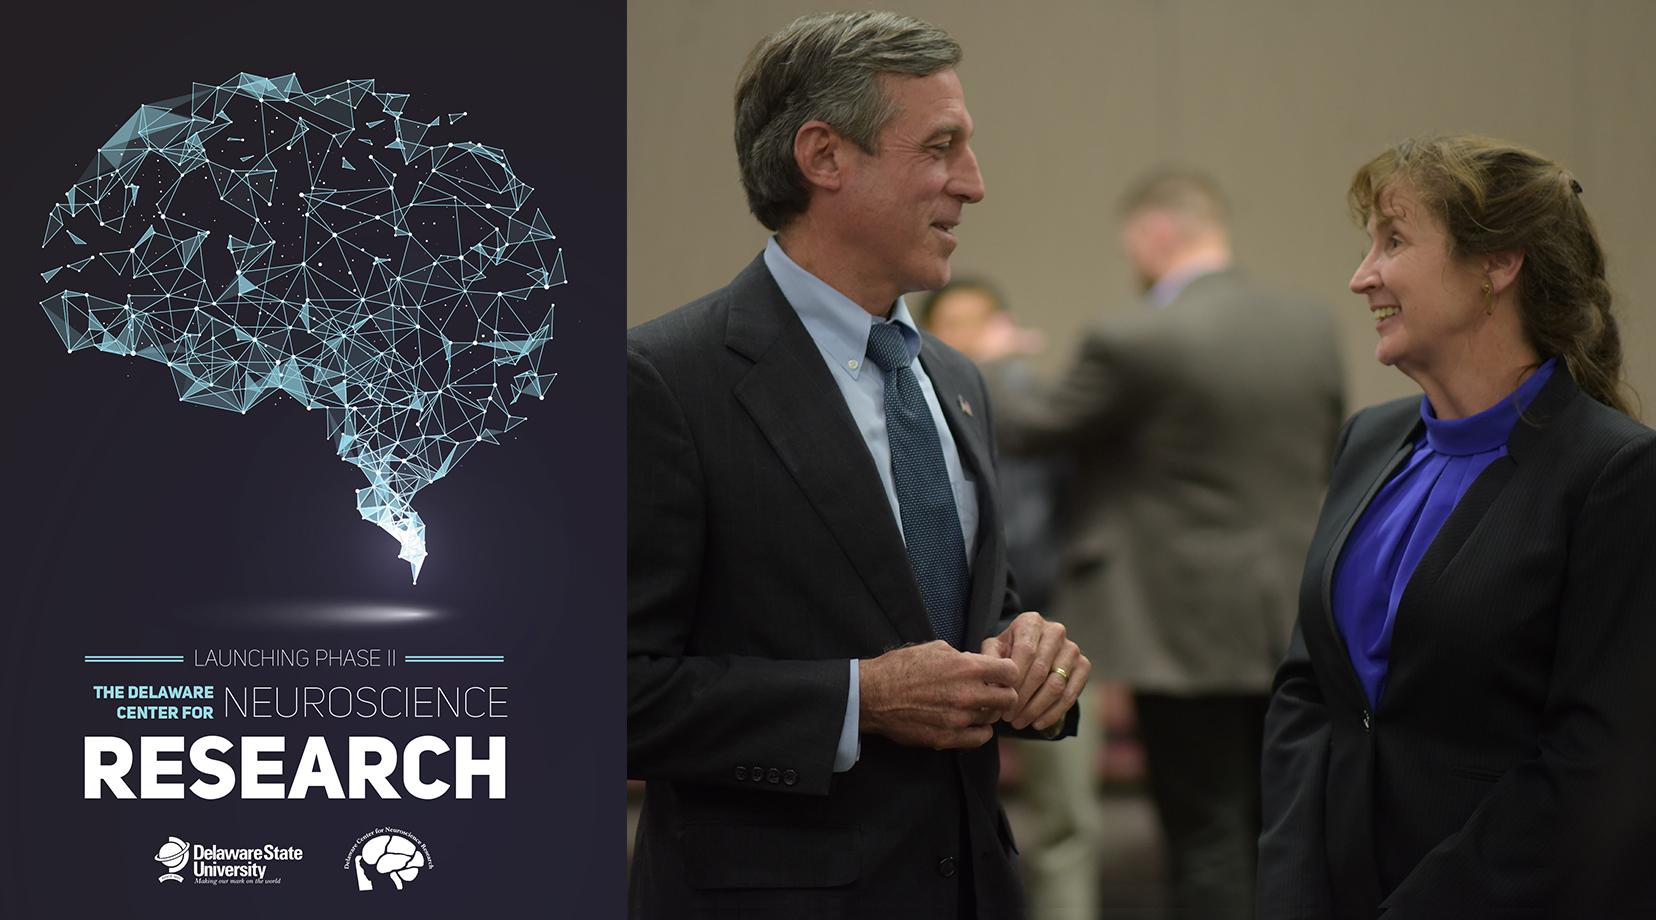 DSU Neuroscience Center awarded $10.9M NIH grant